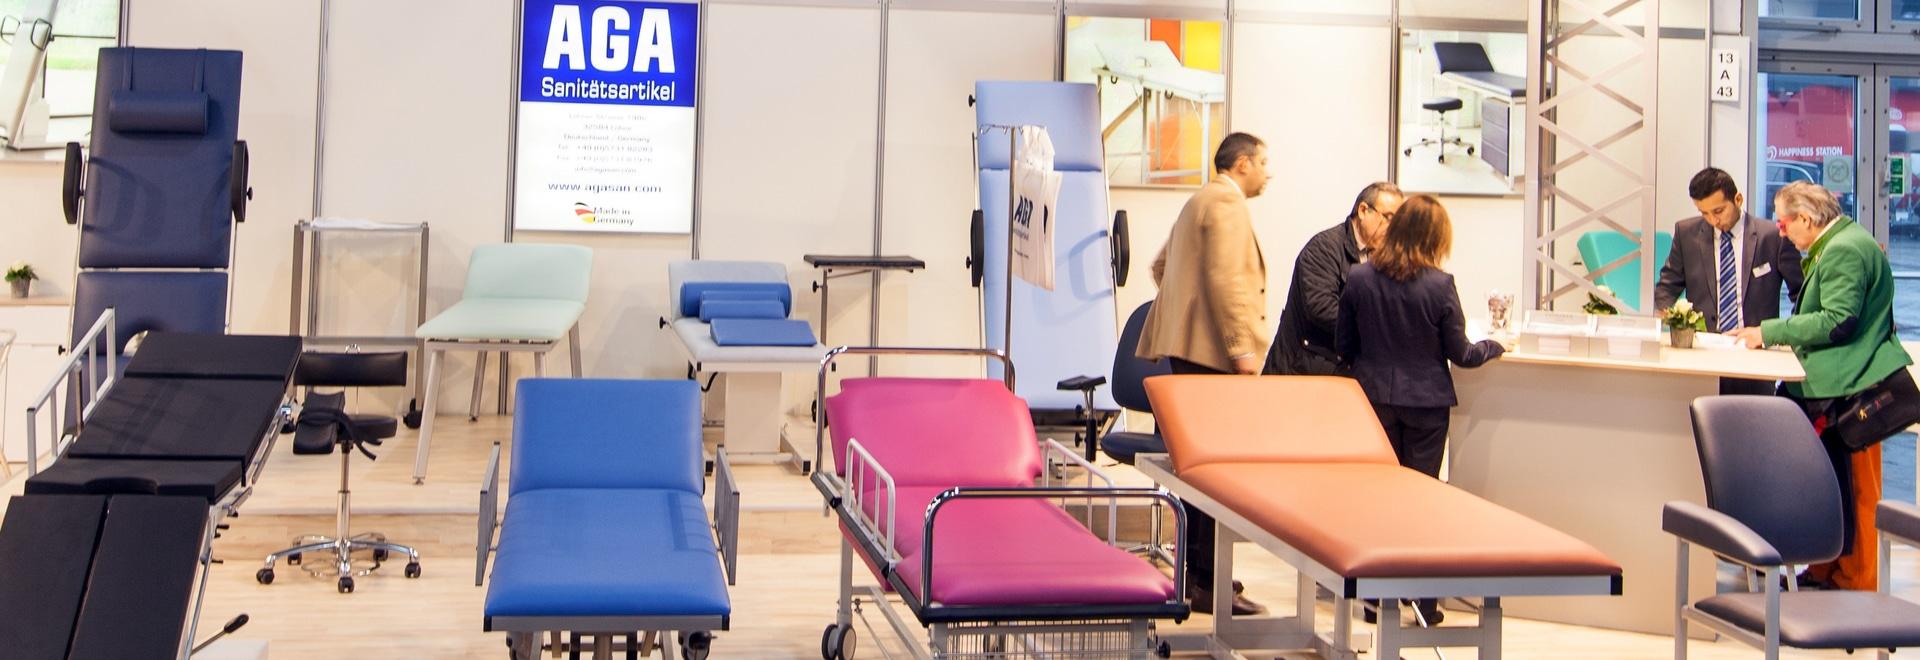 AGA Sanitätsartikel will be present at MEDICA again in 2017